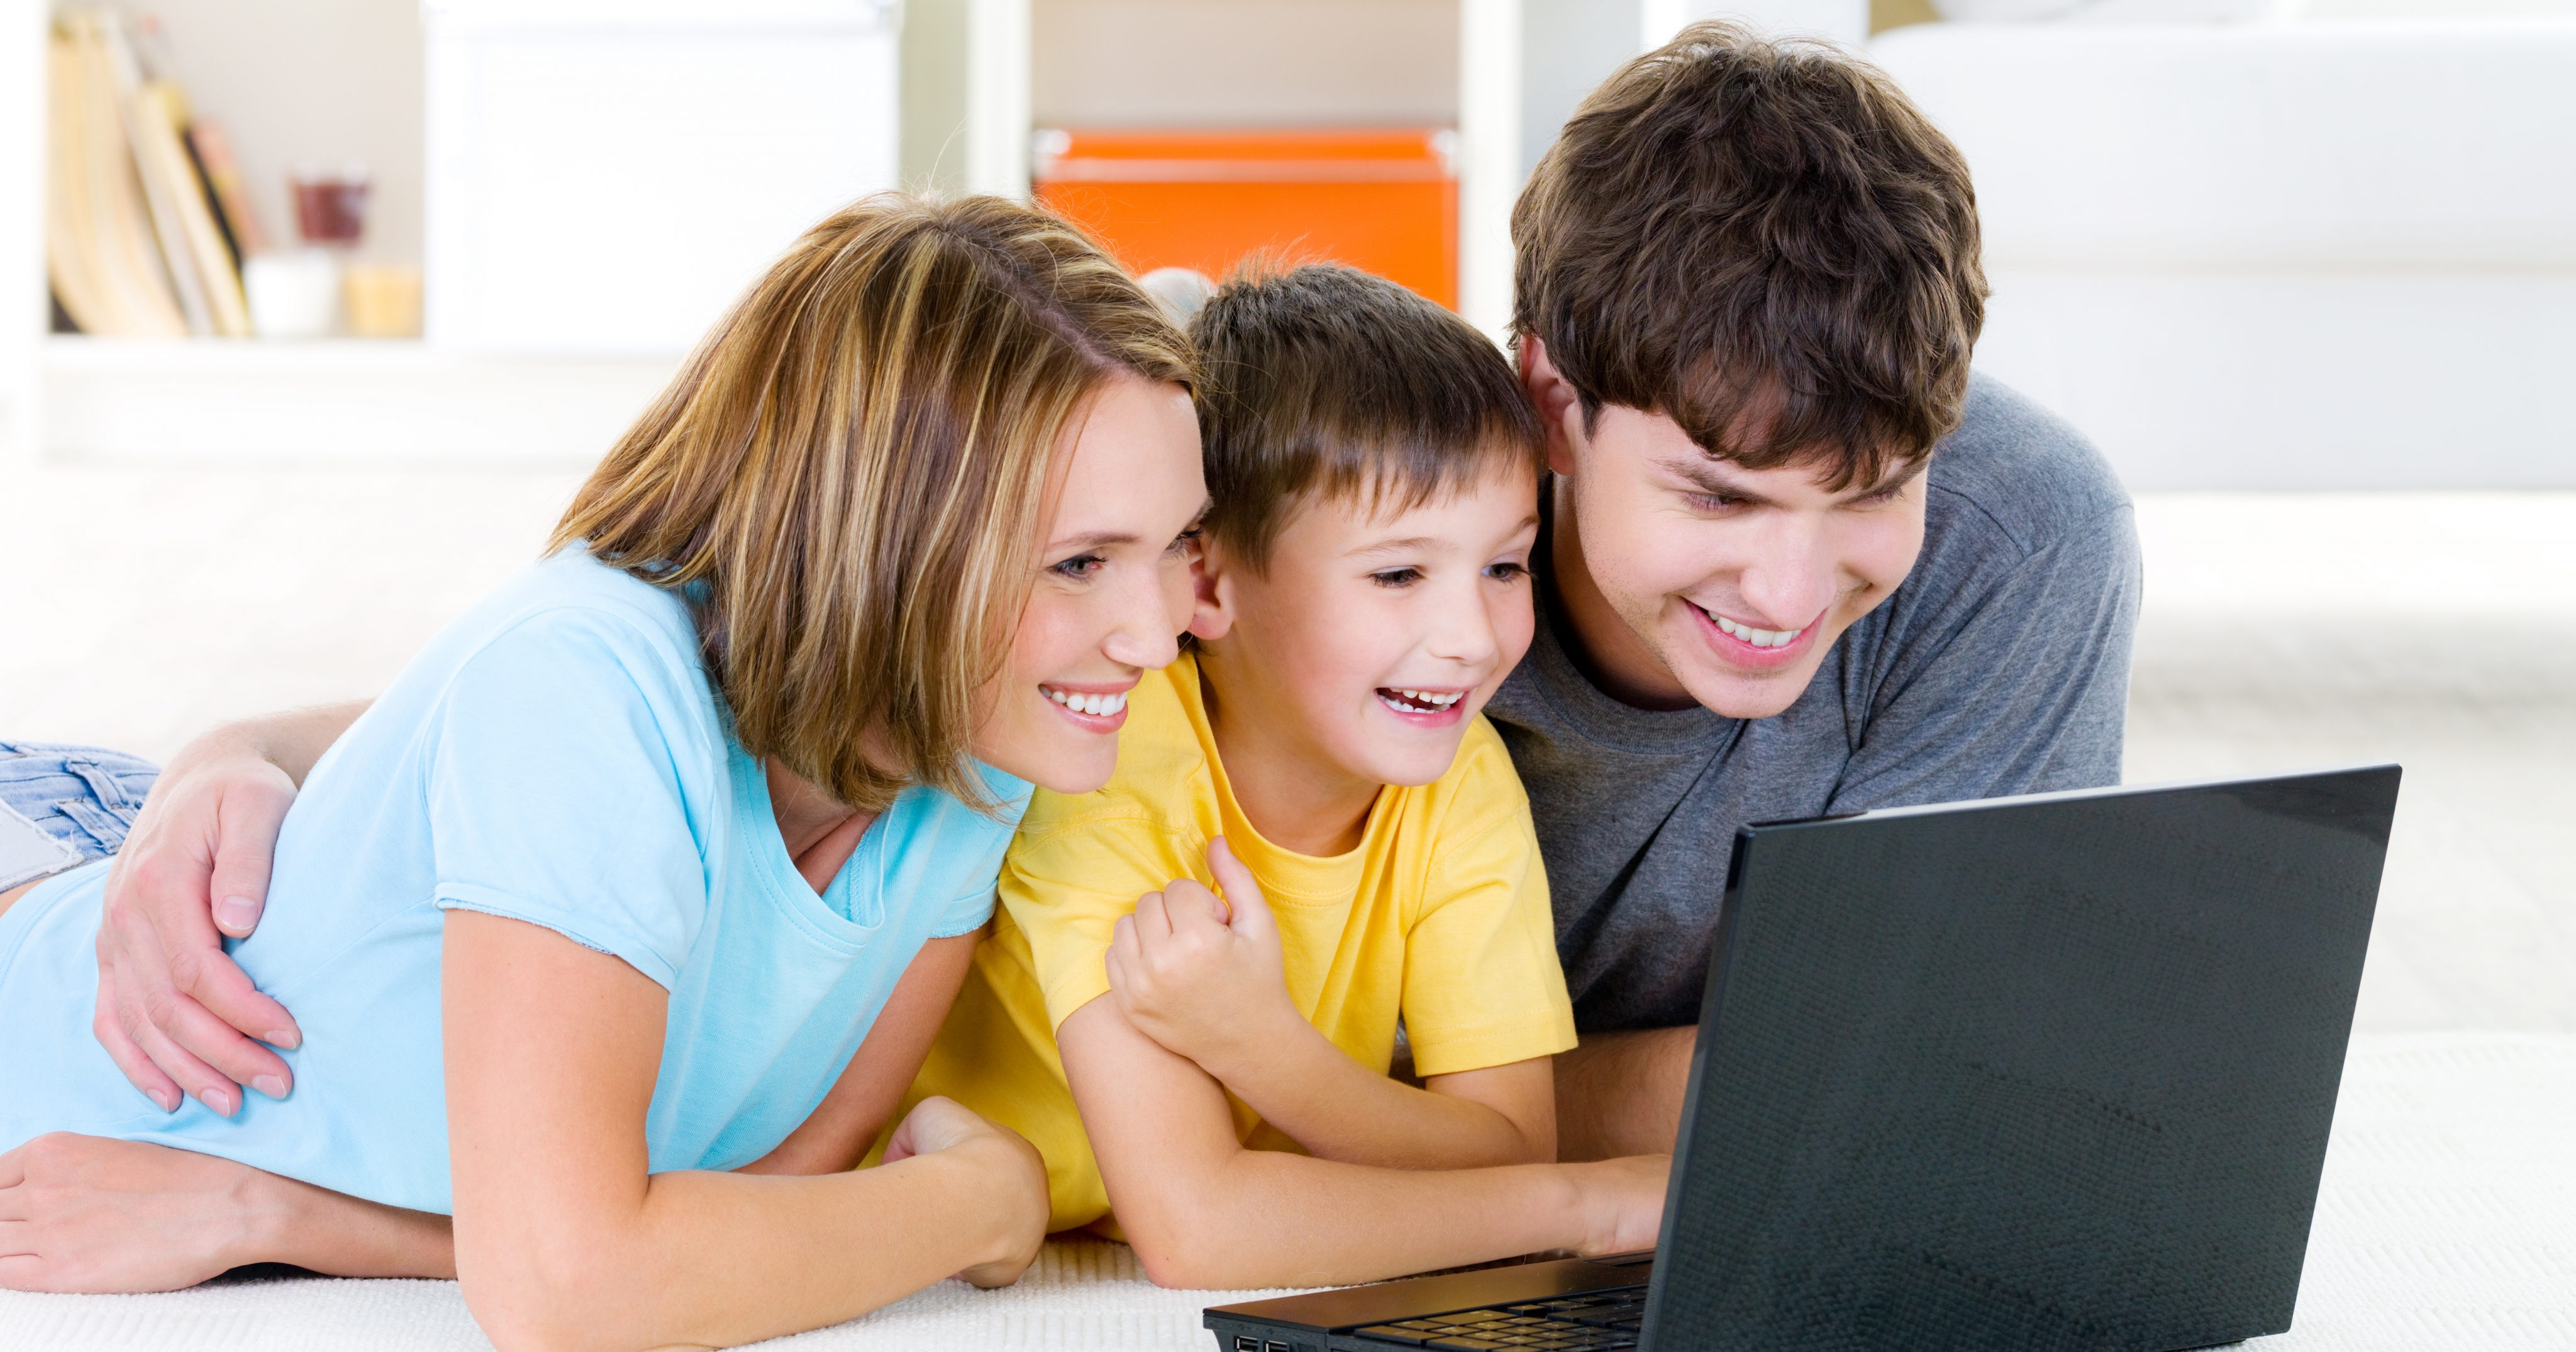 играю игры, семья ноутбук картинки специальные саморезы